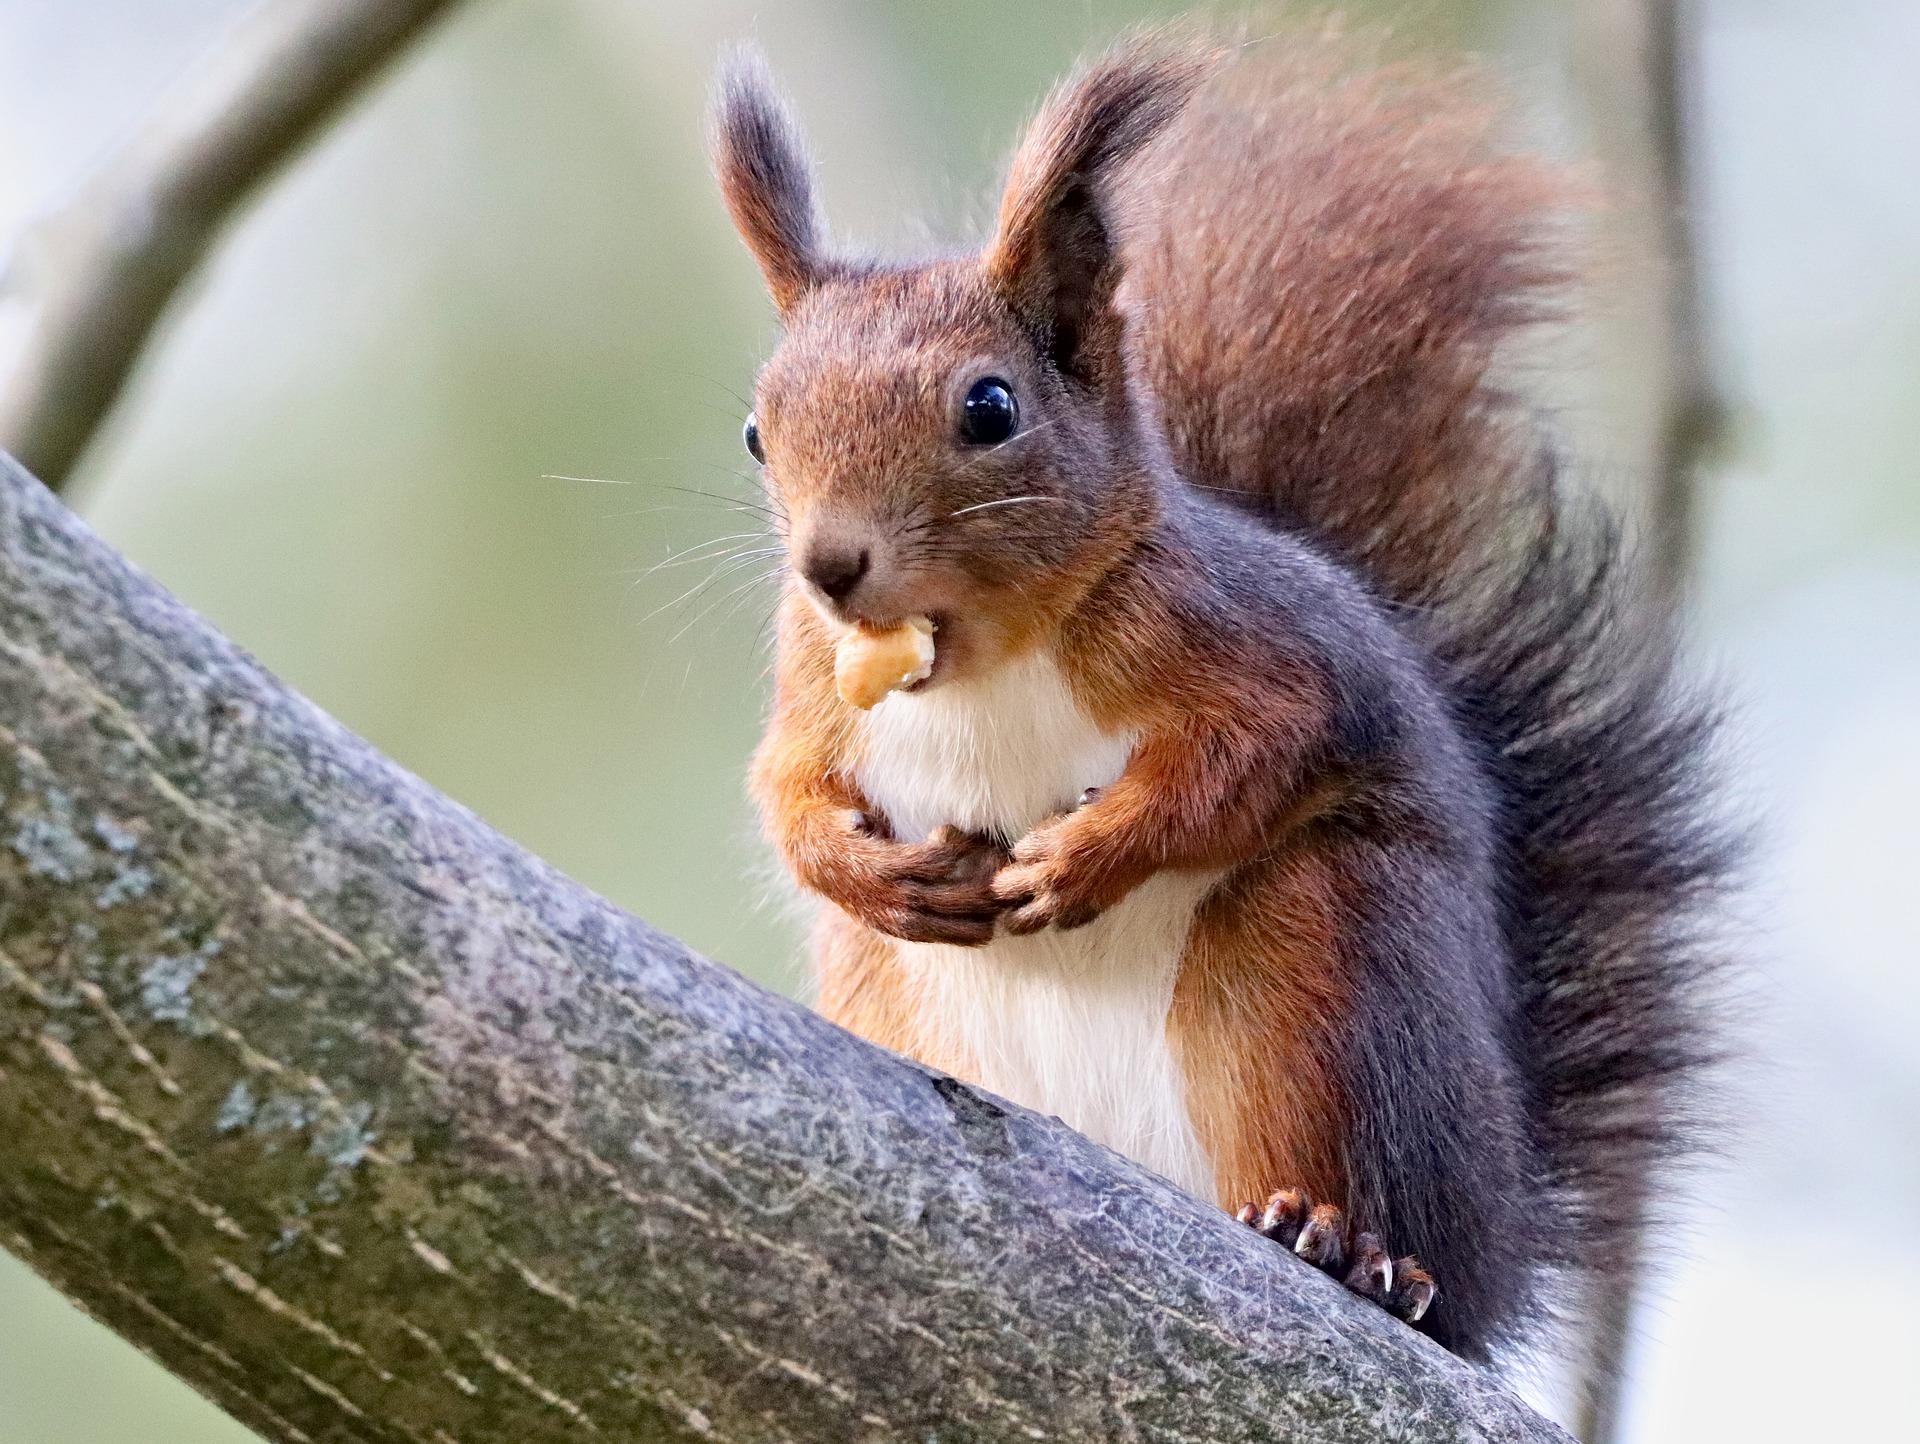 Das Eichhörnchen sammelt Vorräte für den Winter (via pixabay)